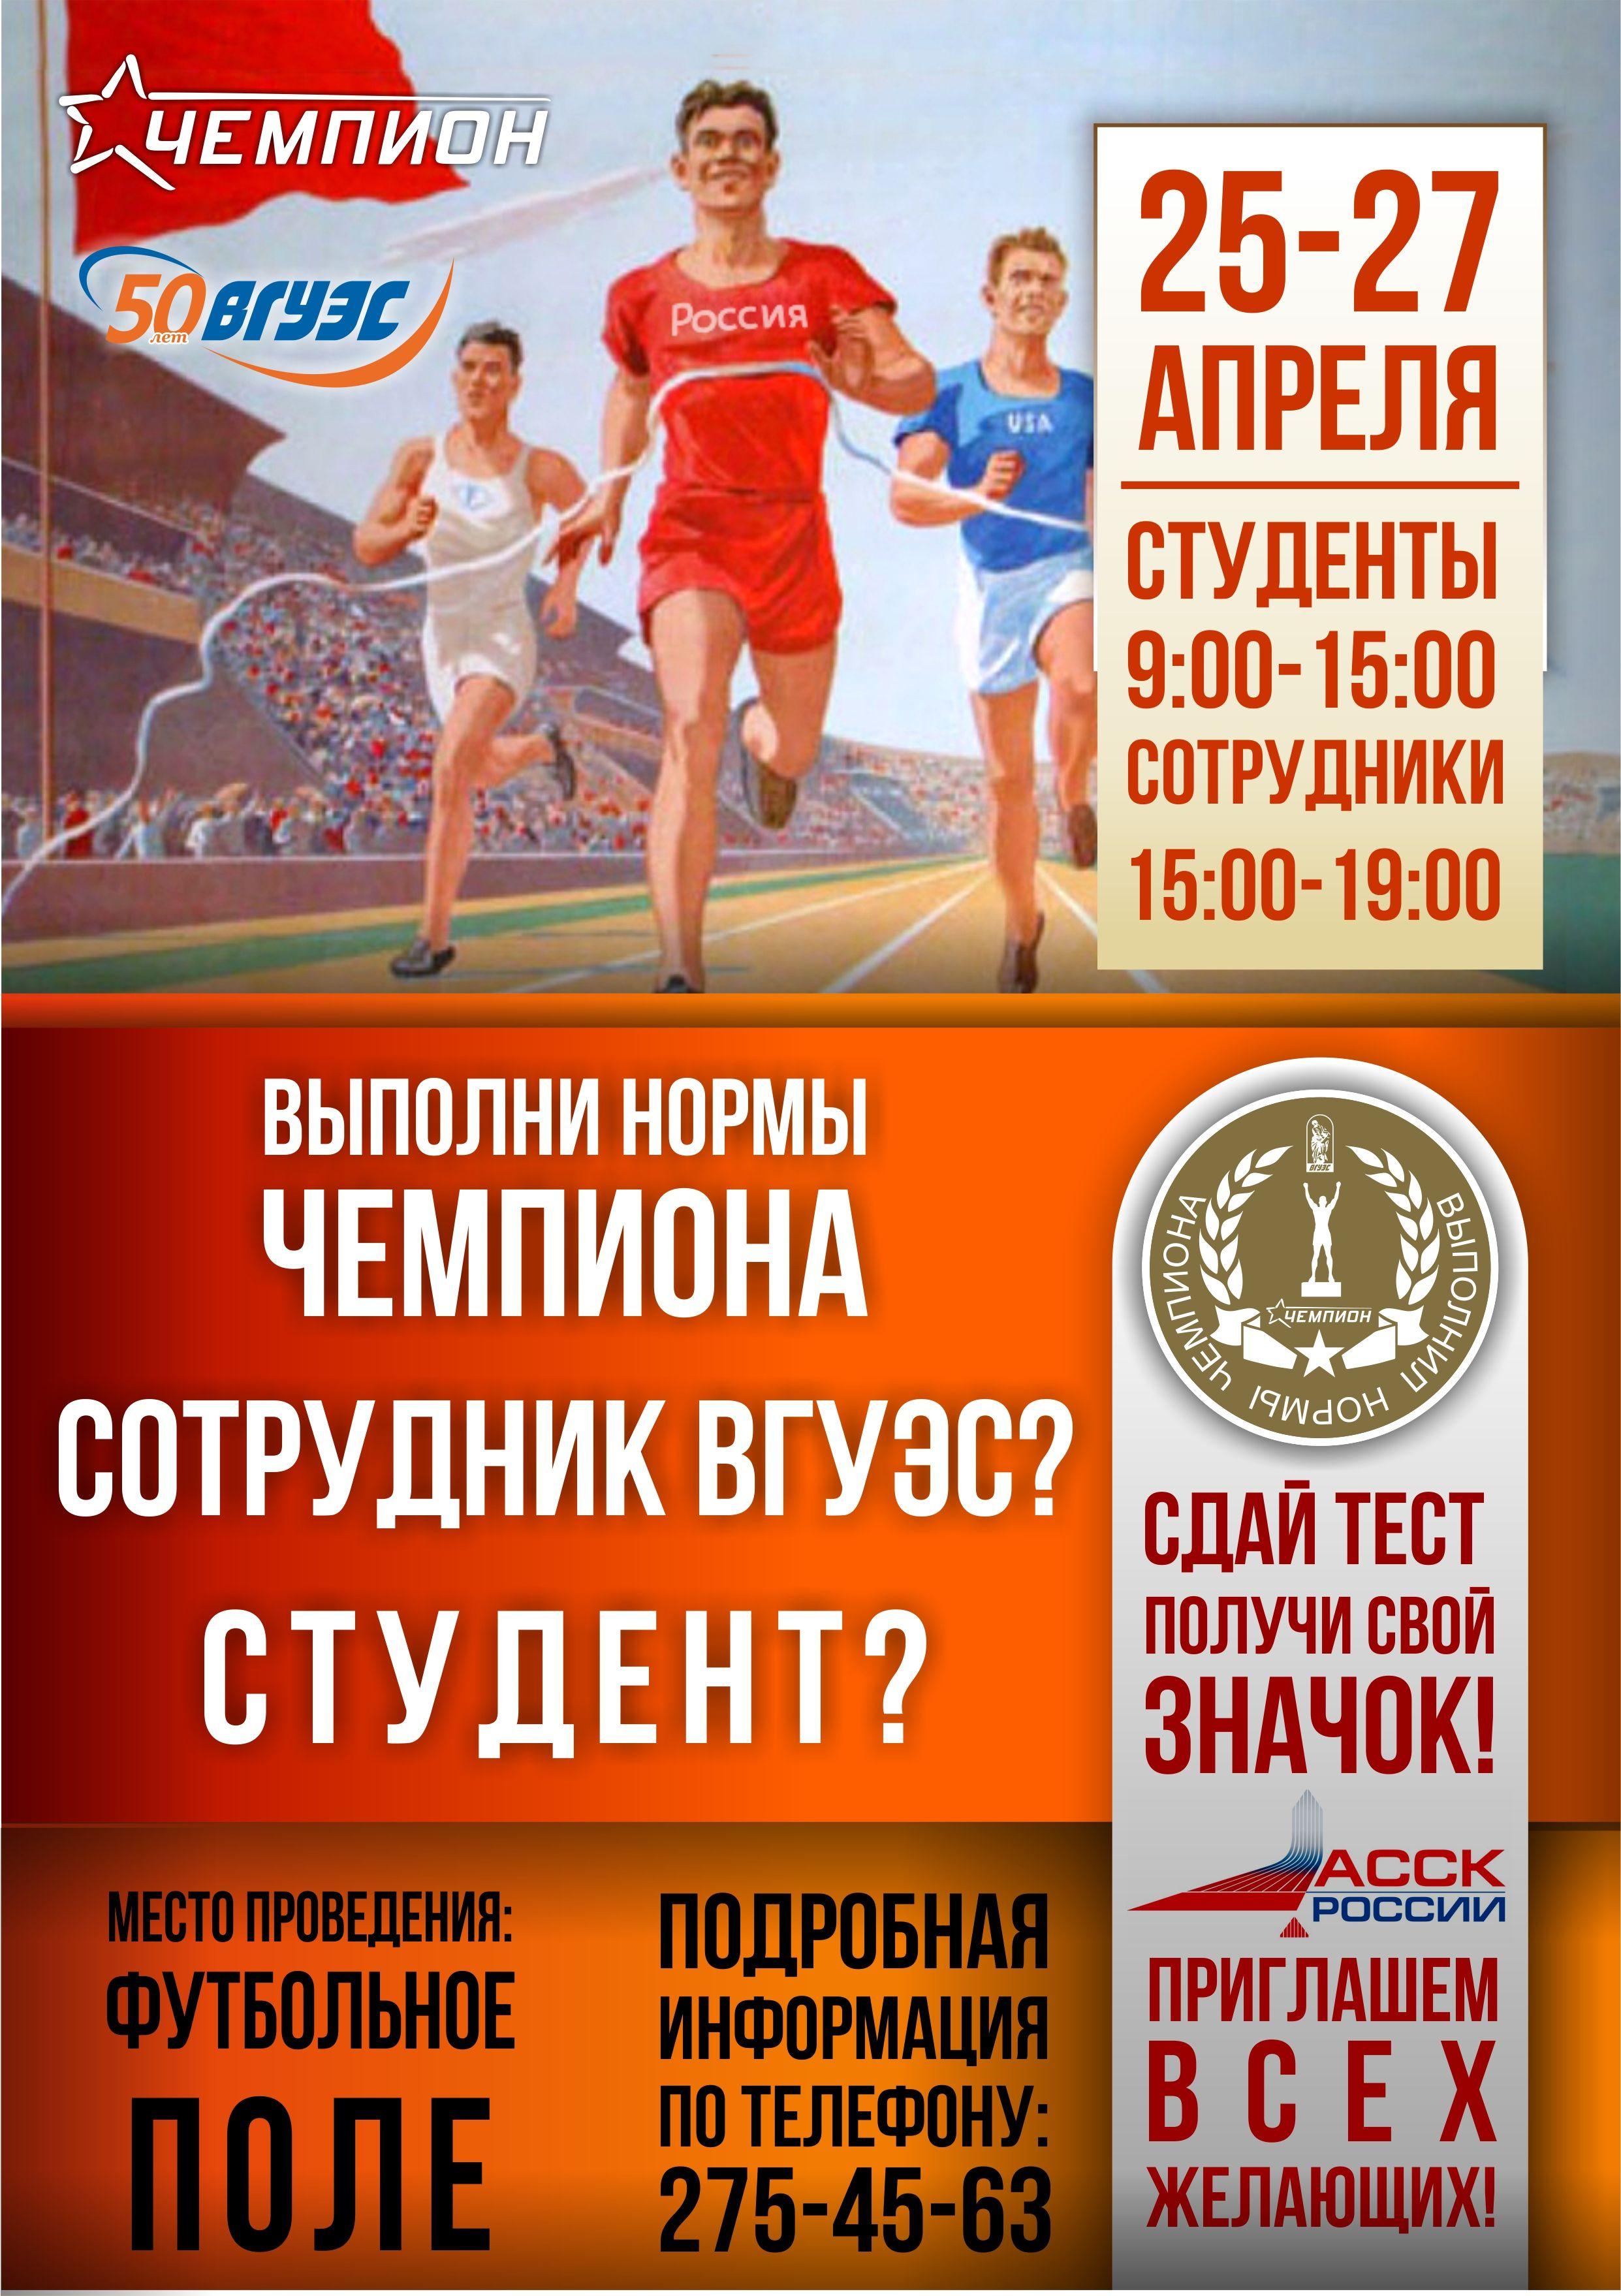 Мероприятие по выполнению спортивных нормативов для студентов и сотрудников университета